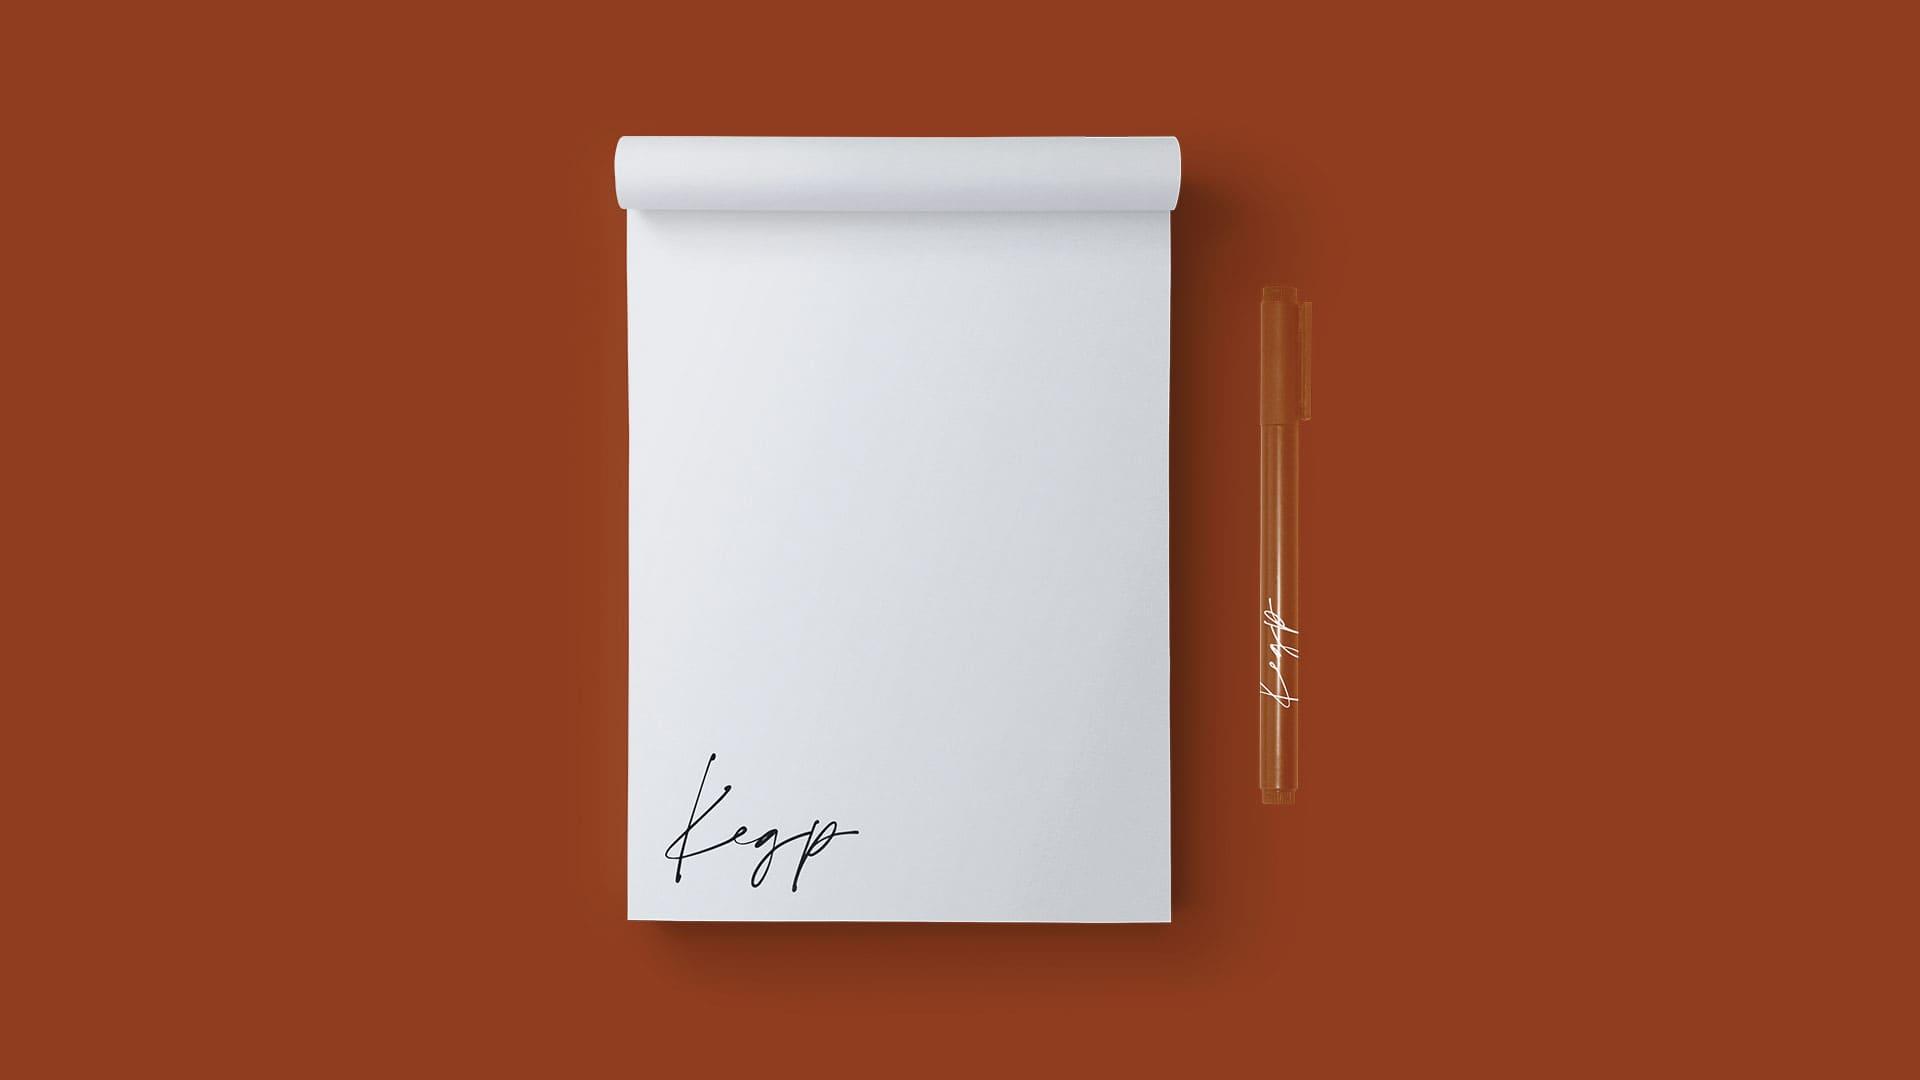 gra brand design kedr 14